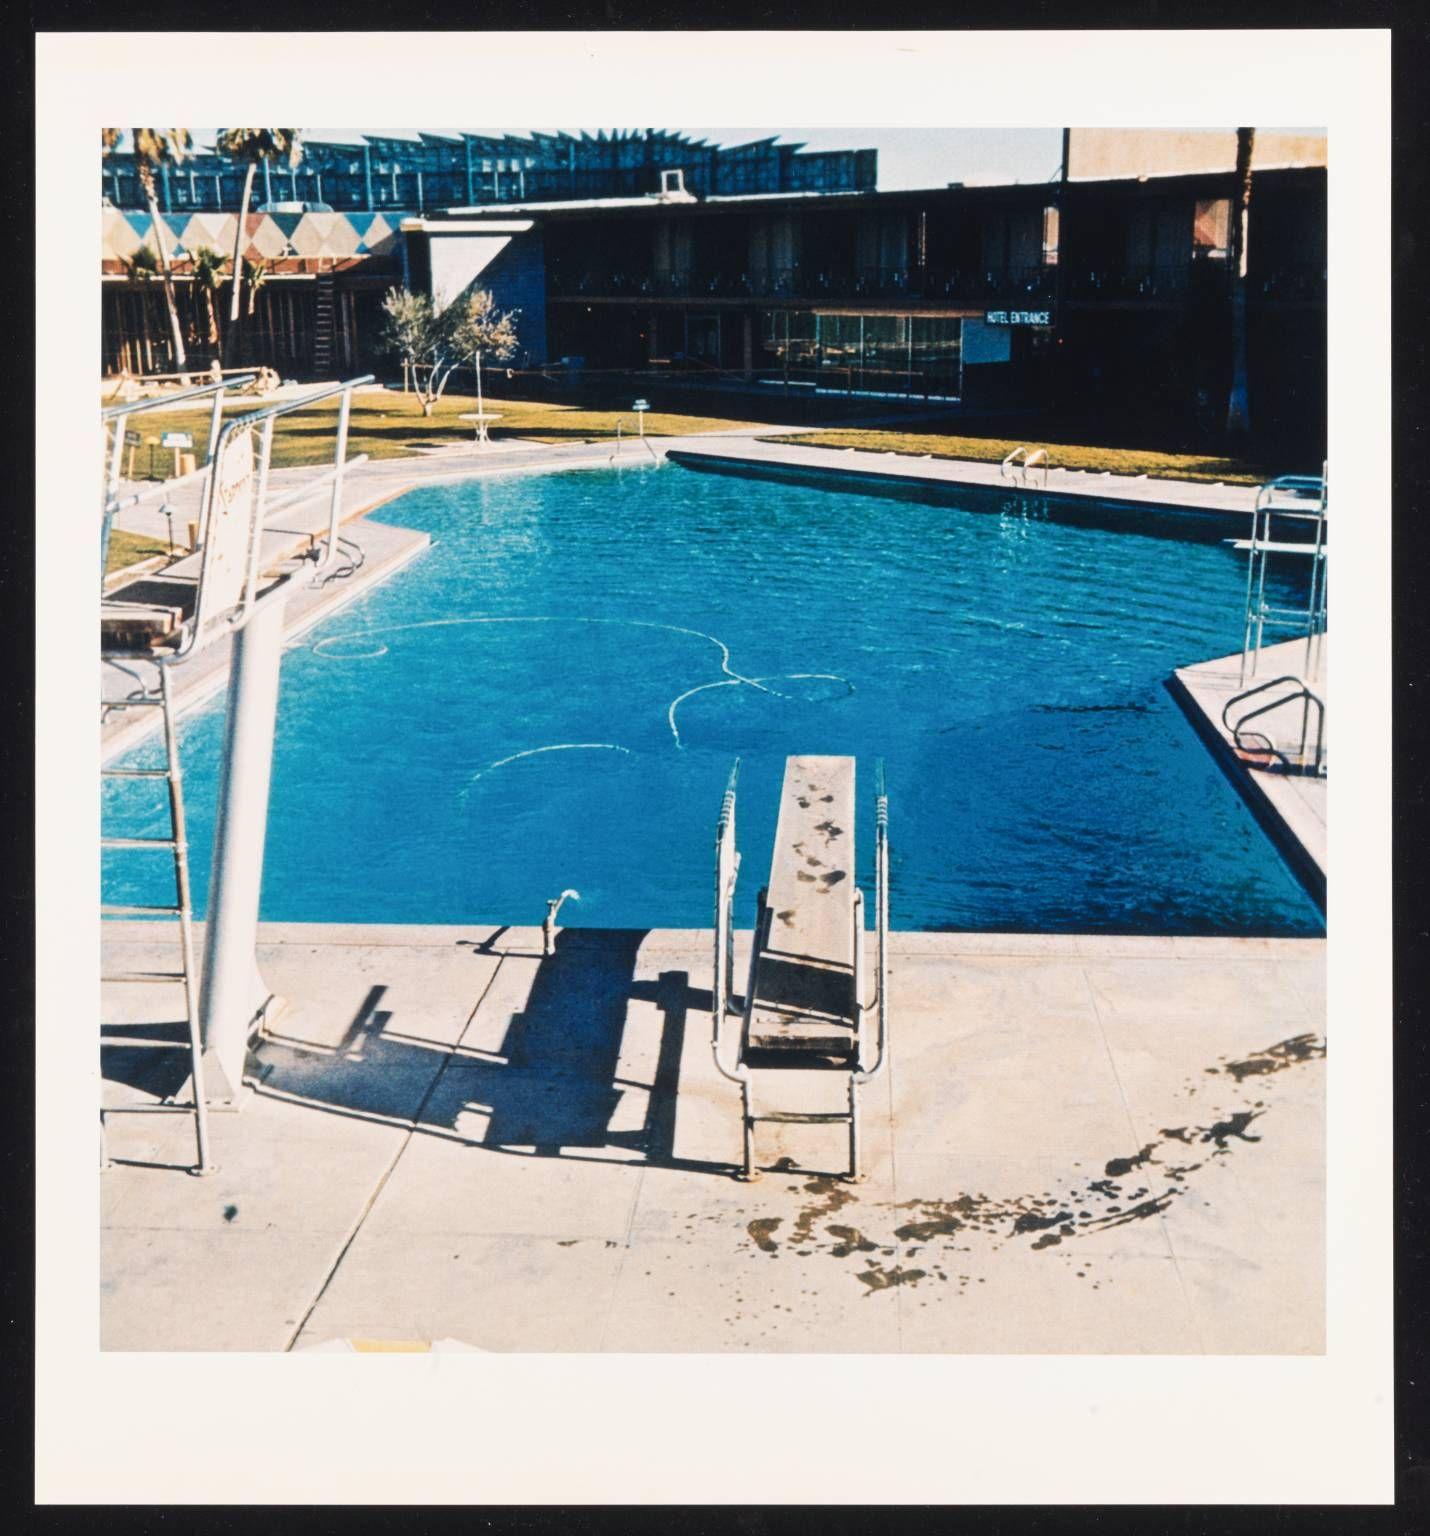 'Pool #5', Edward Ruscha, 1968, Printed 1997